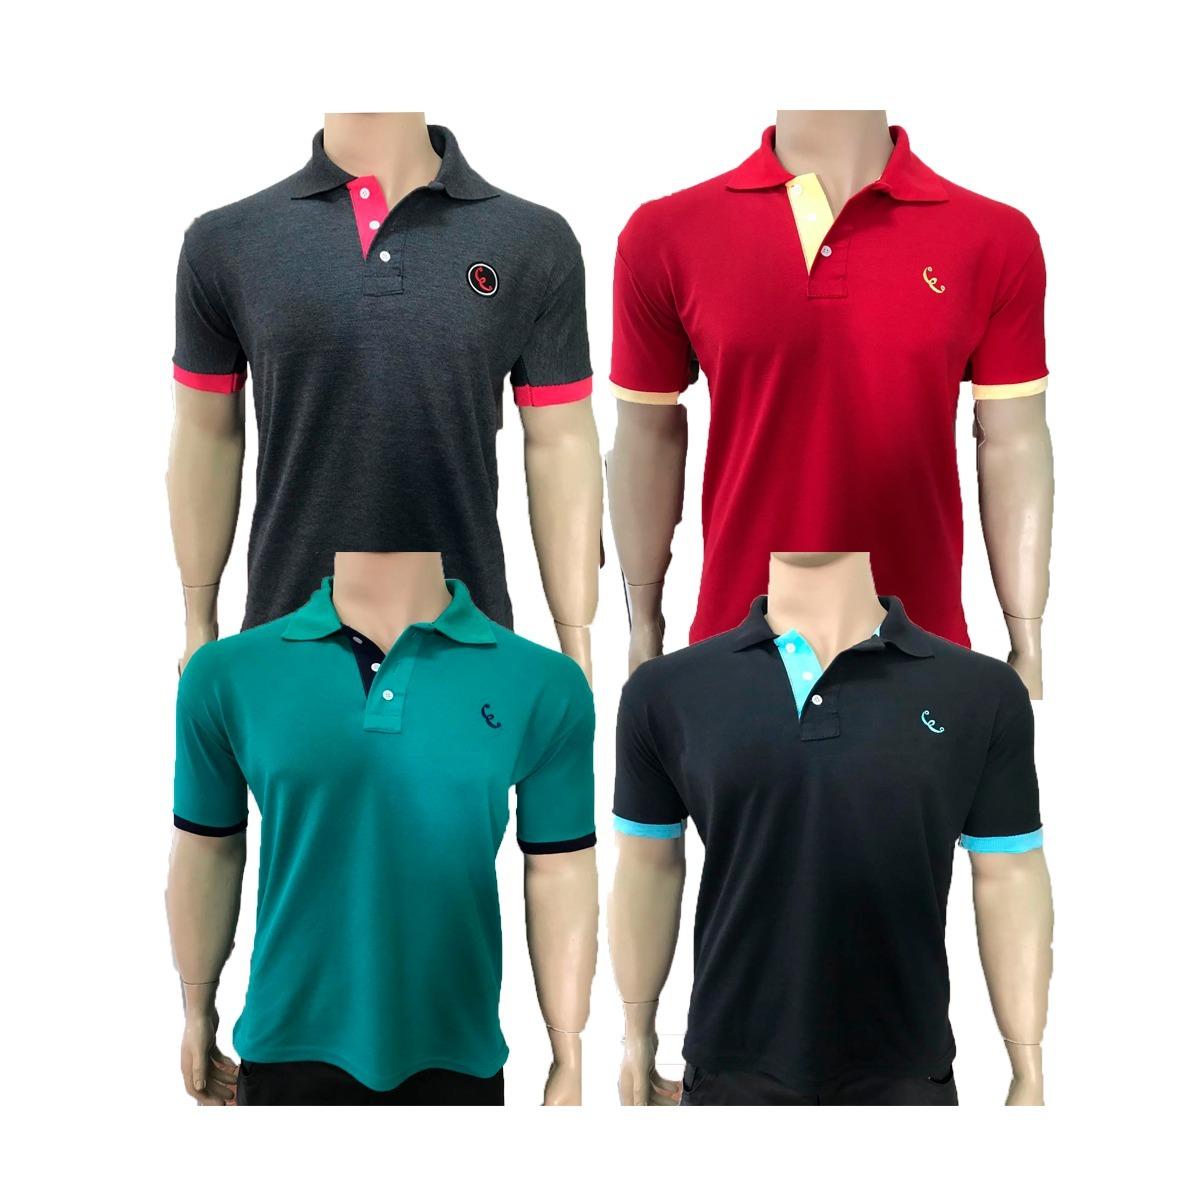 6f1d5937a10f7 camisas camiseta gola polo equilibrio basicas preço atacado. Carregando zoom .